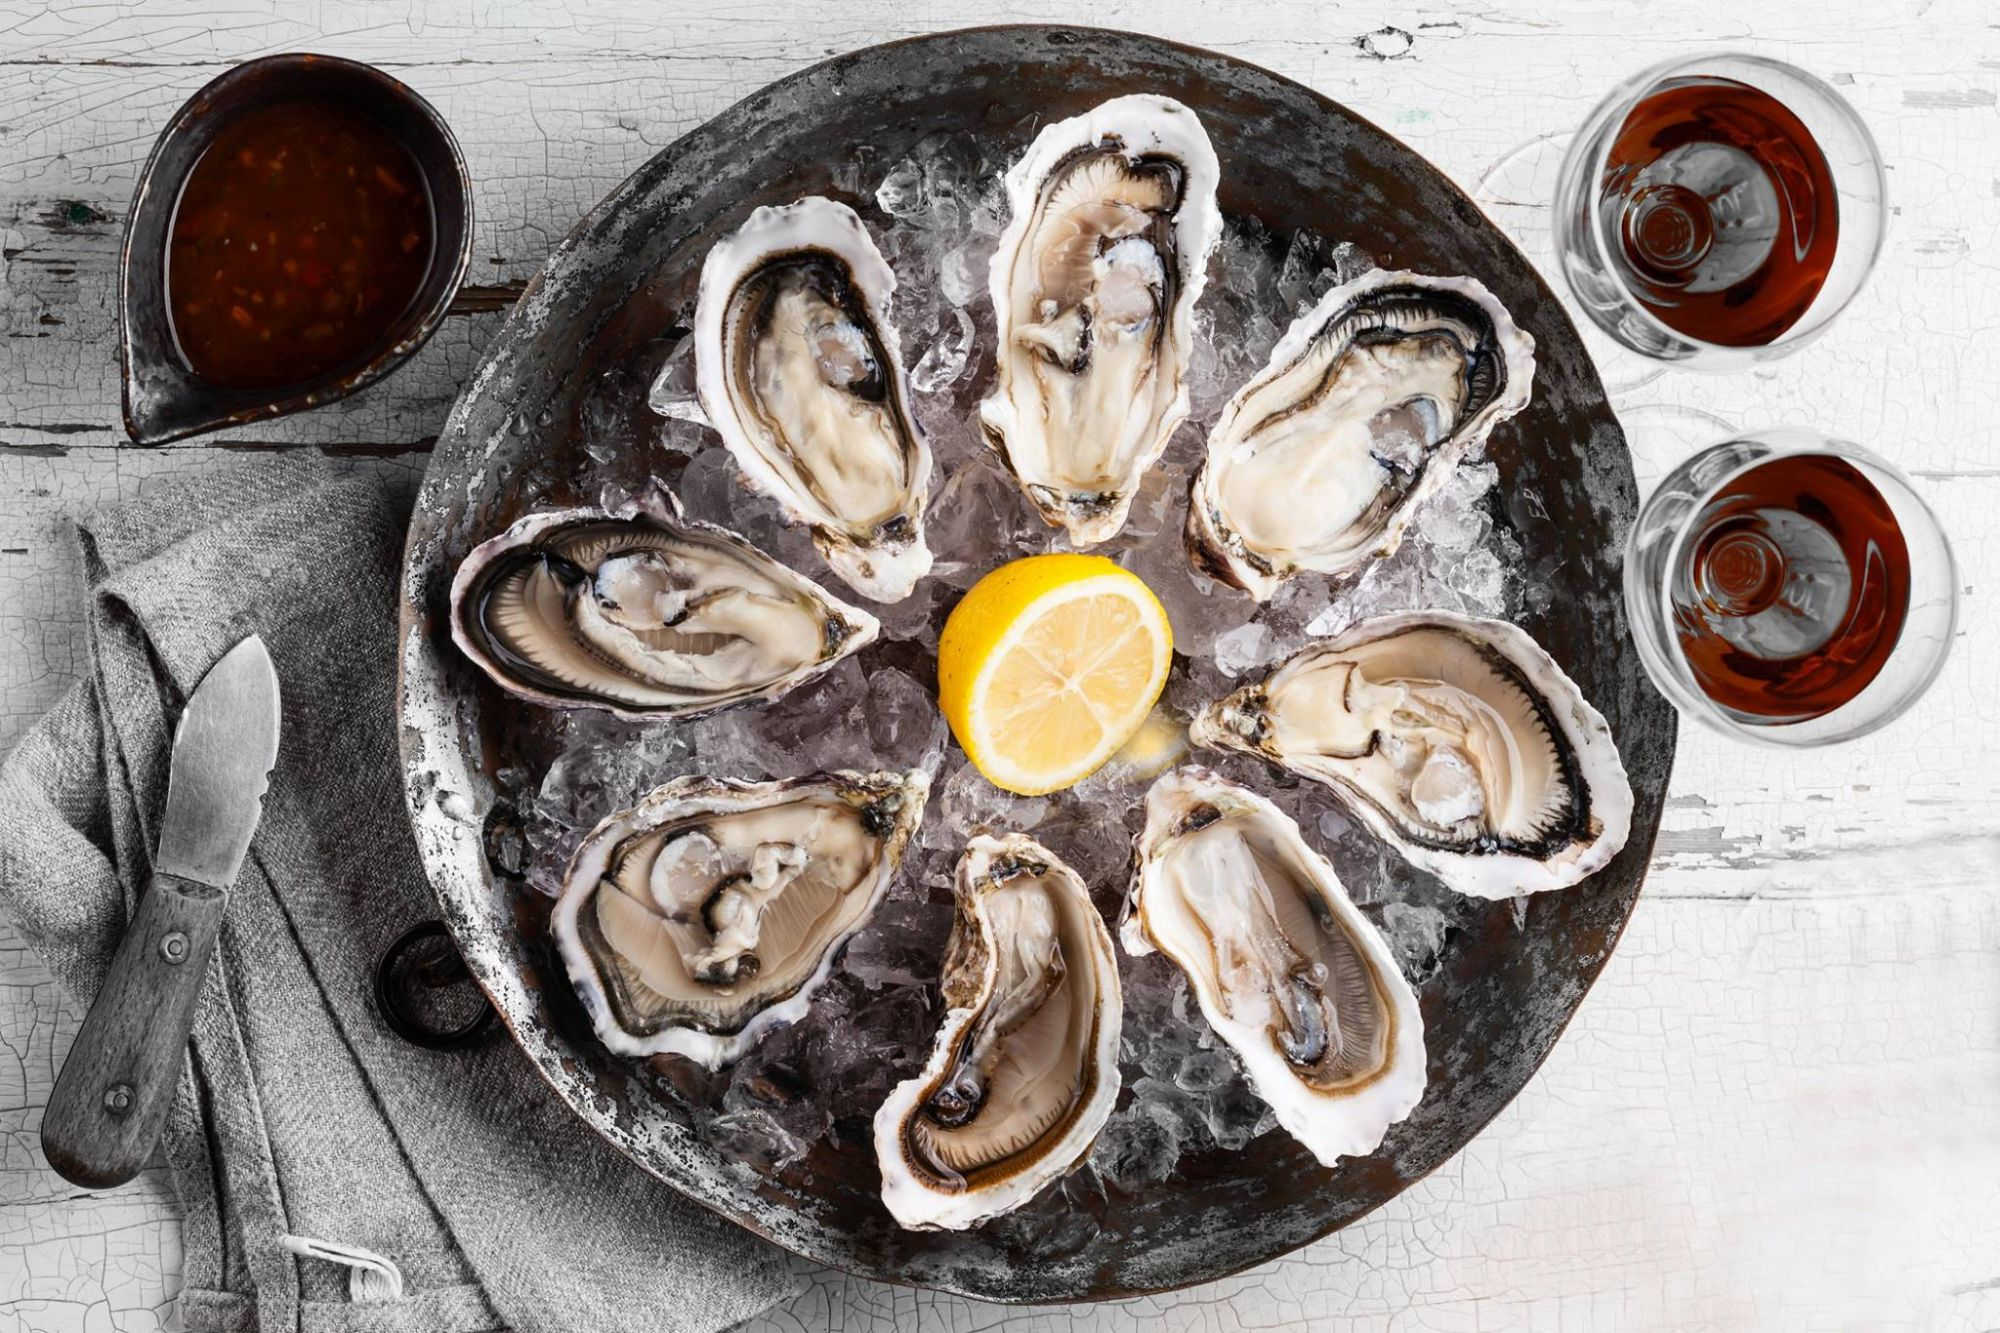 En el mercado, además de ostras como estas, encontrarás salazones, conservas, caviar ruso... Foto: Ostrarium.